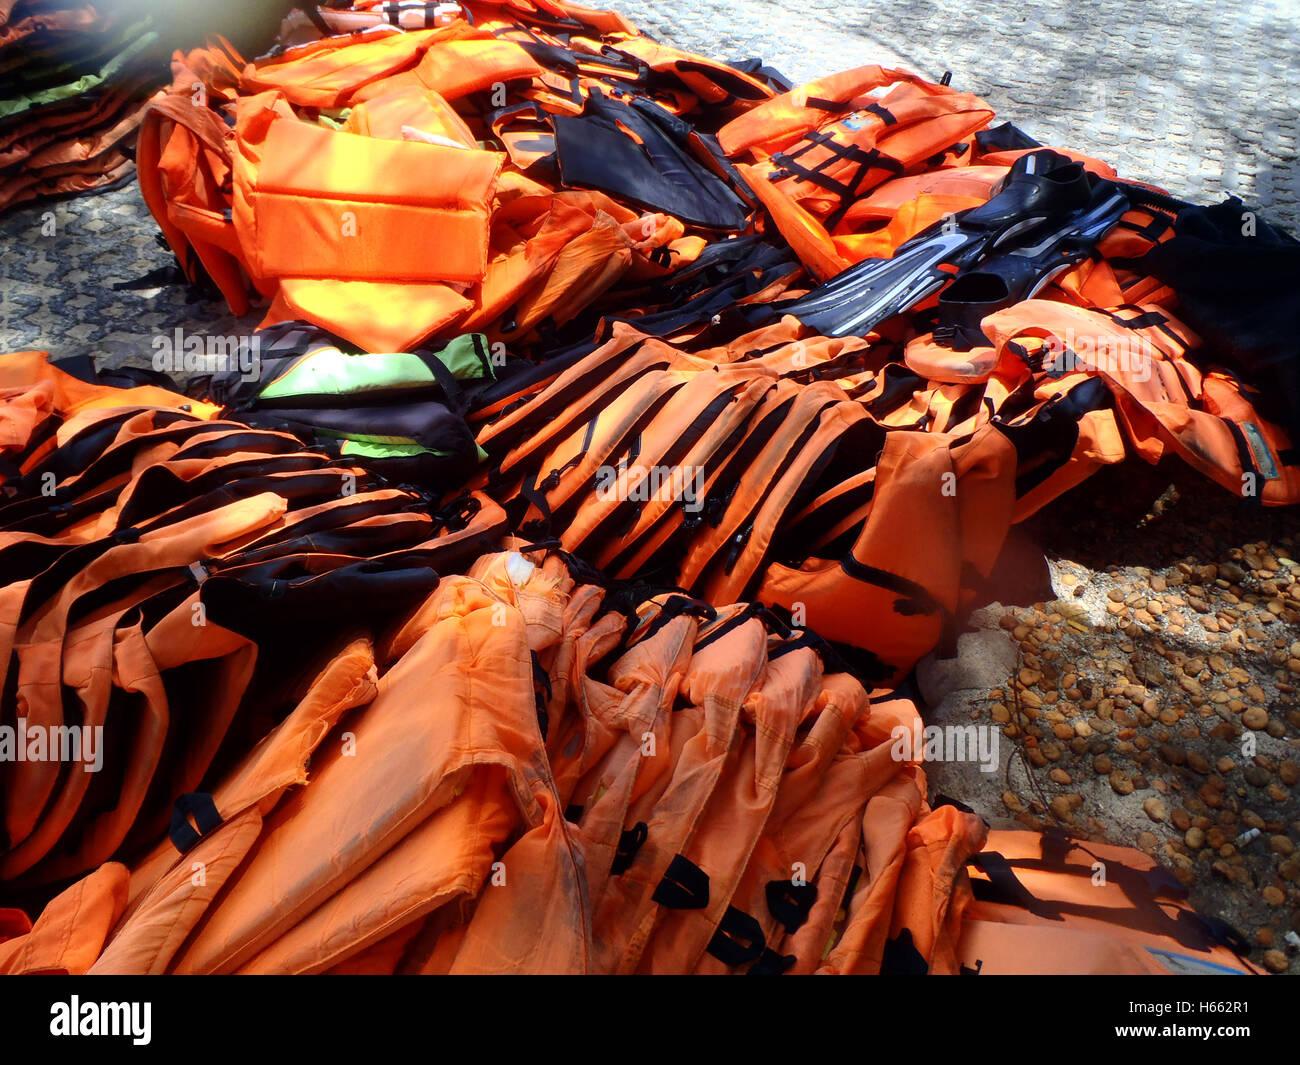 Life vest (jacket) photo - Stock Image